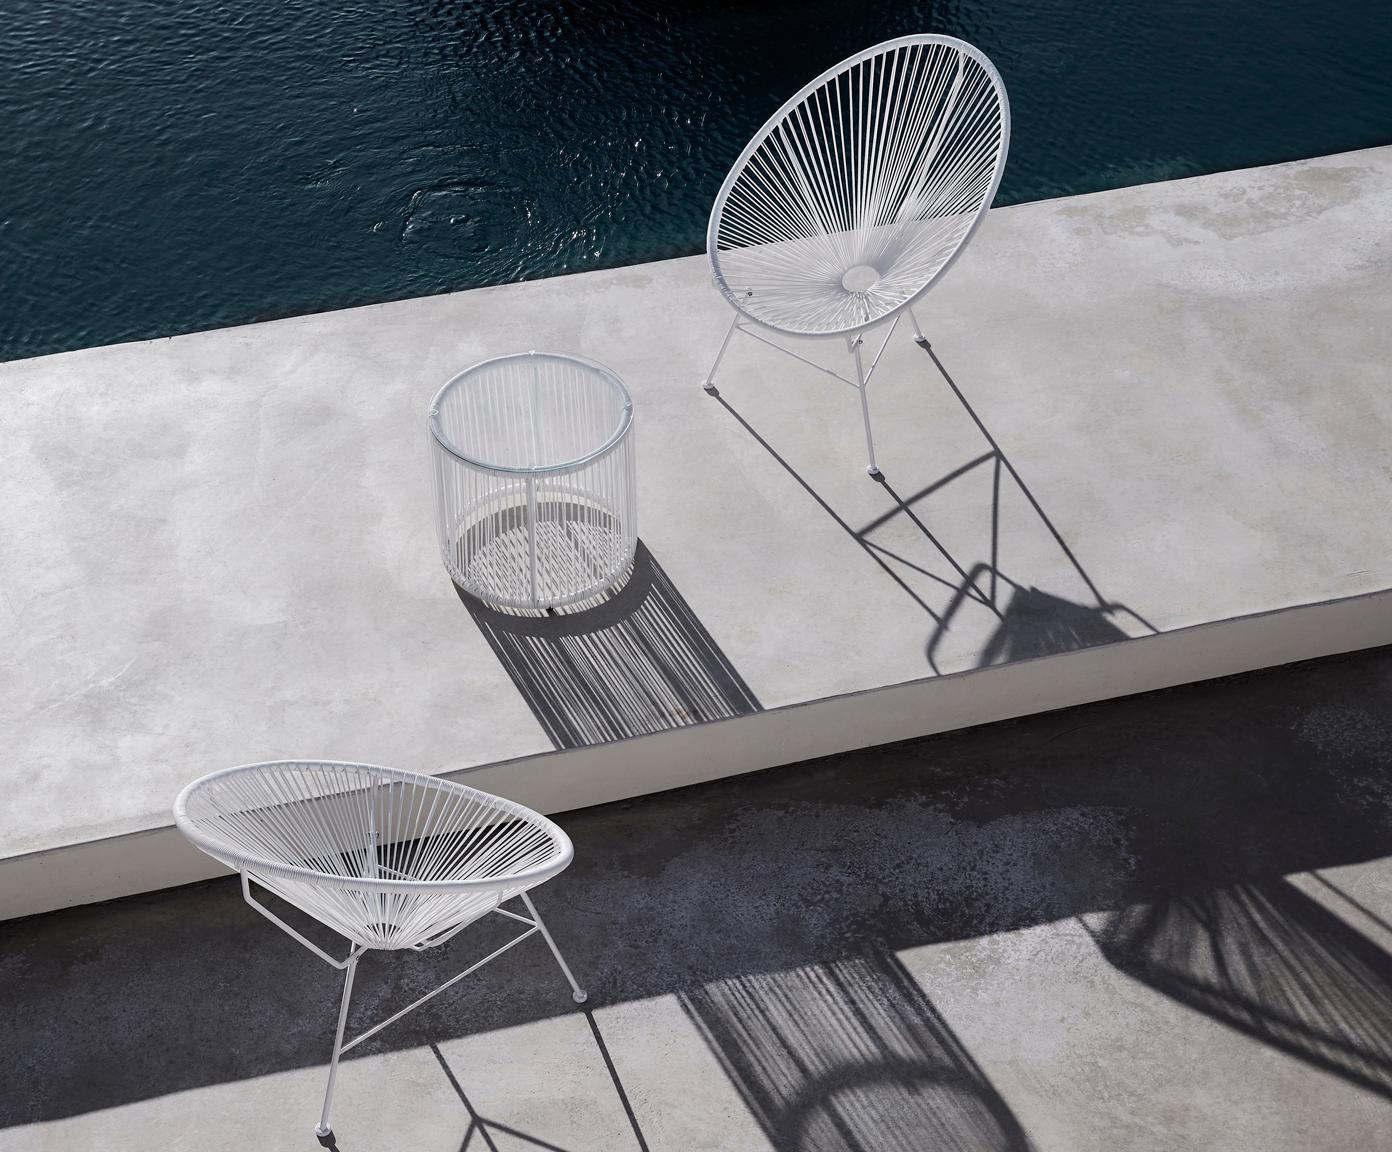 Stolik pomocniczy Bahia, Blat: szkło, grubość, Stelaż: aluminium, malowane prosz, Blat: transparentny Boki i rama: biały, Ø 50 x W 45 cm